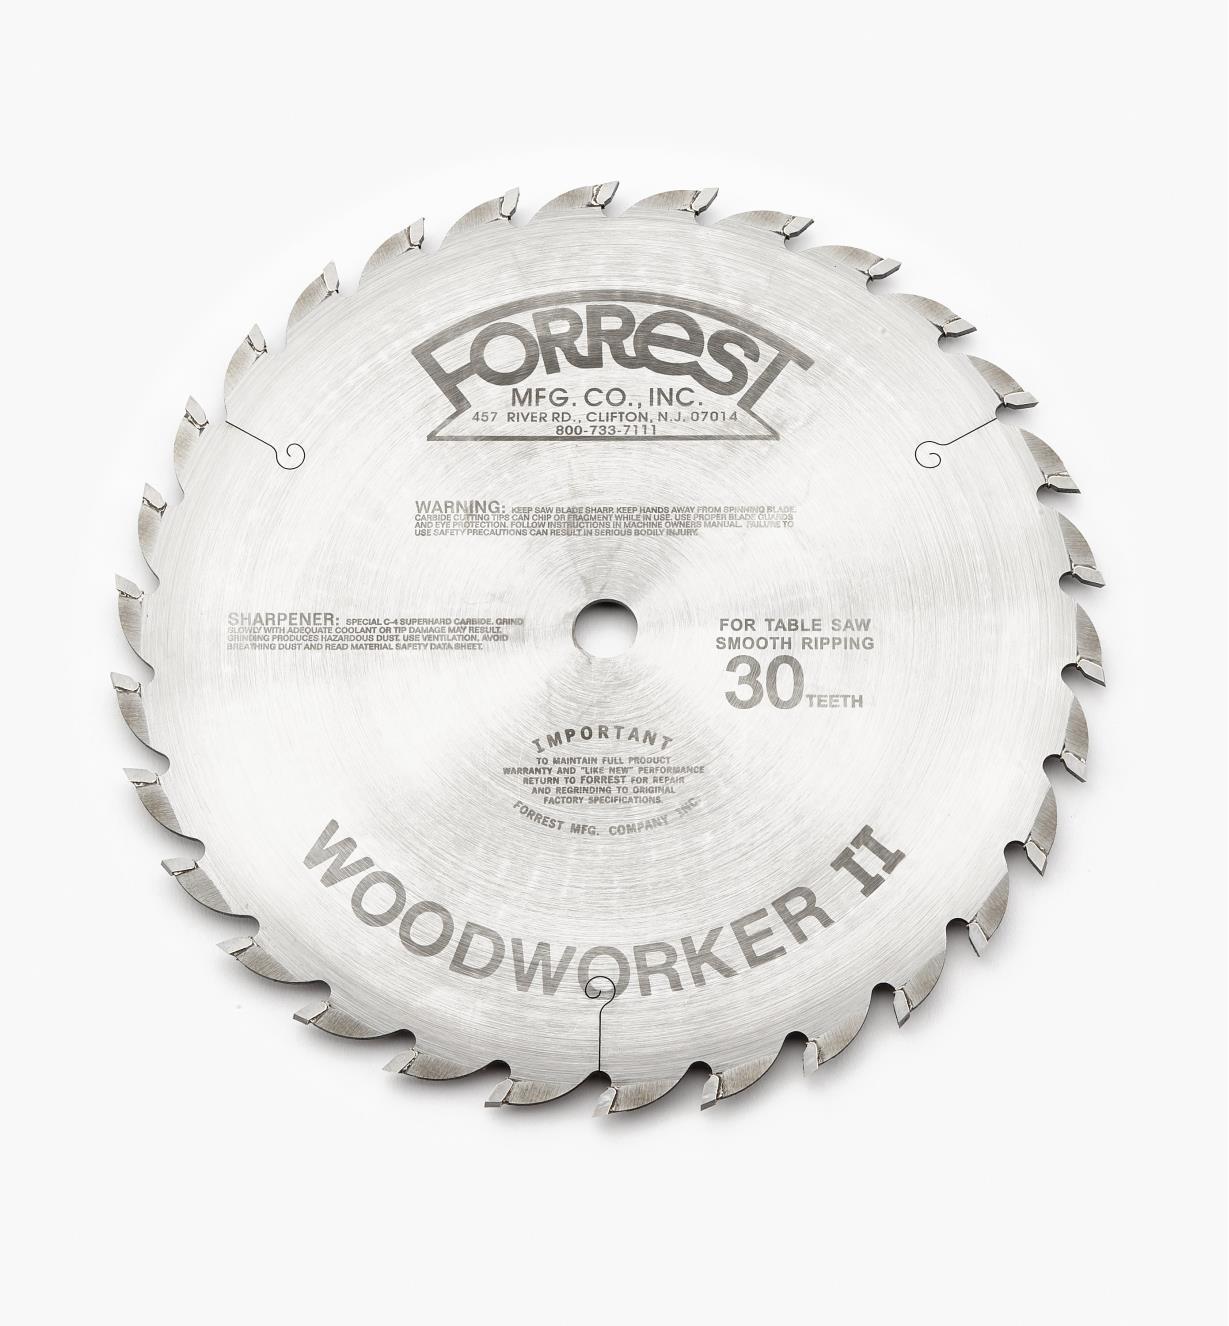 15T4131 - Lame WoodworkerII, 10pox30dents,  trait de 1/8po